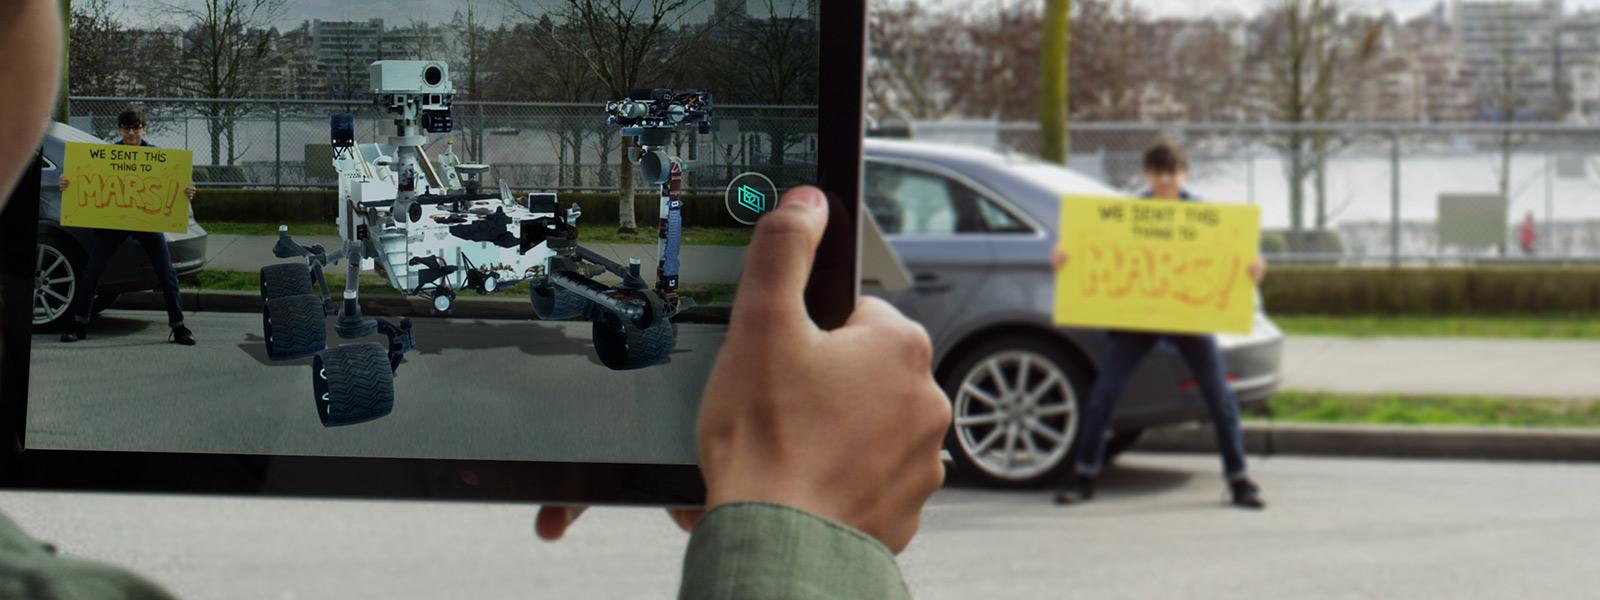 Vista 3D con un coche incorporado a la imagen